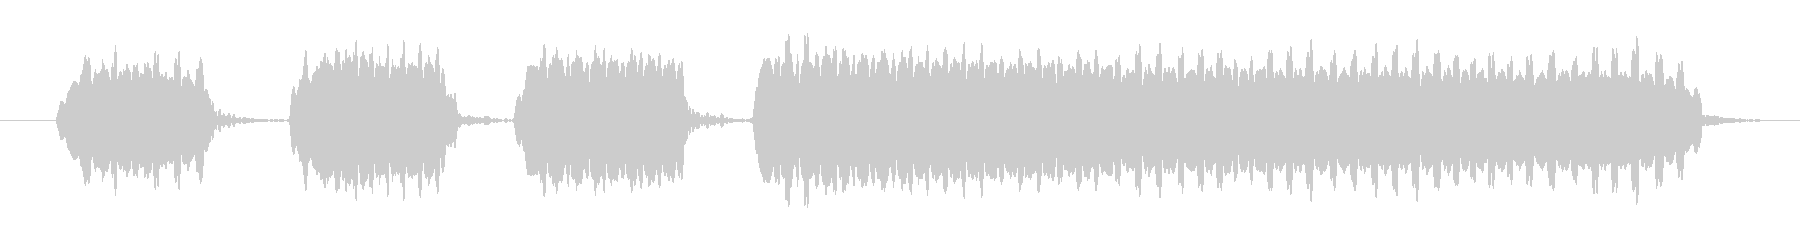 エンドウホイッスル2:多くのショー...の未再生の波形